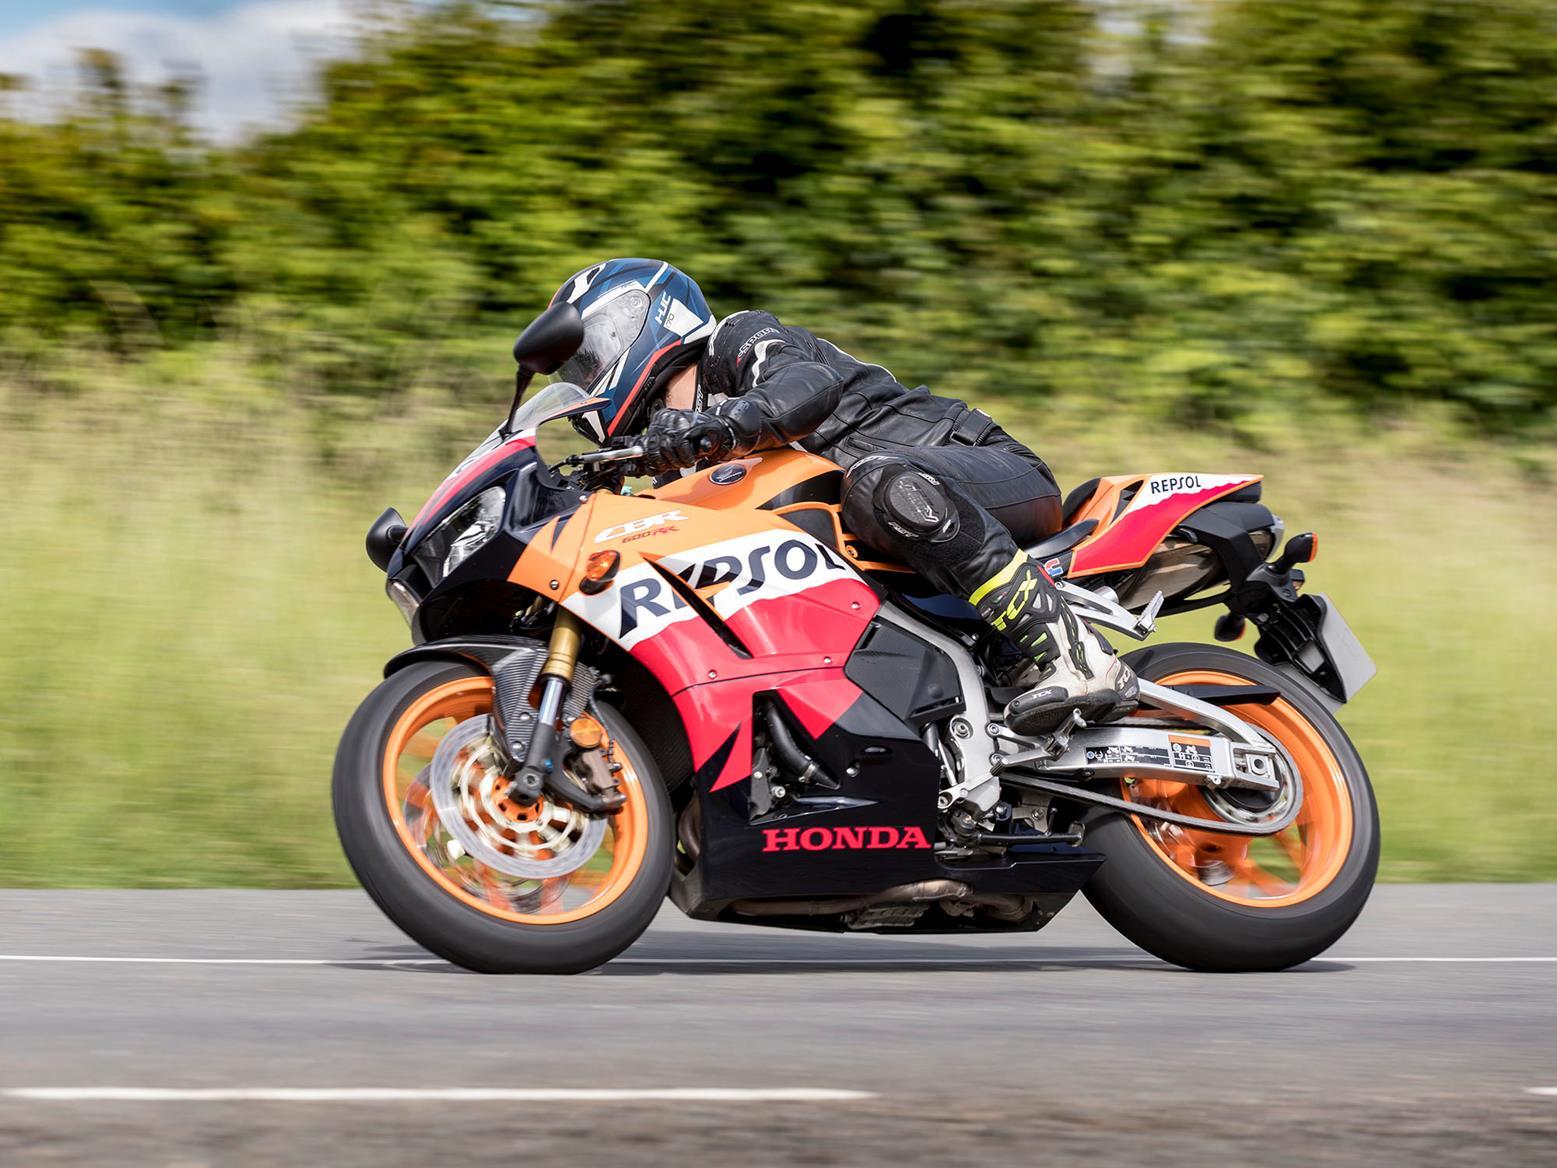 Honda CBR600RR turning right